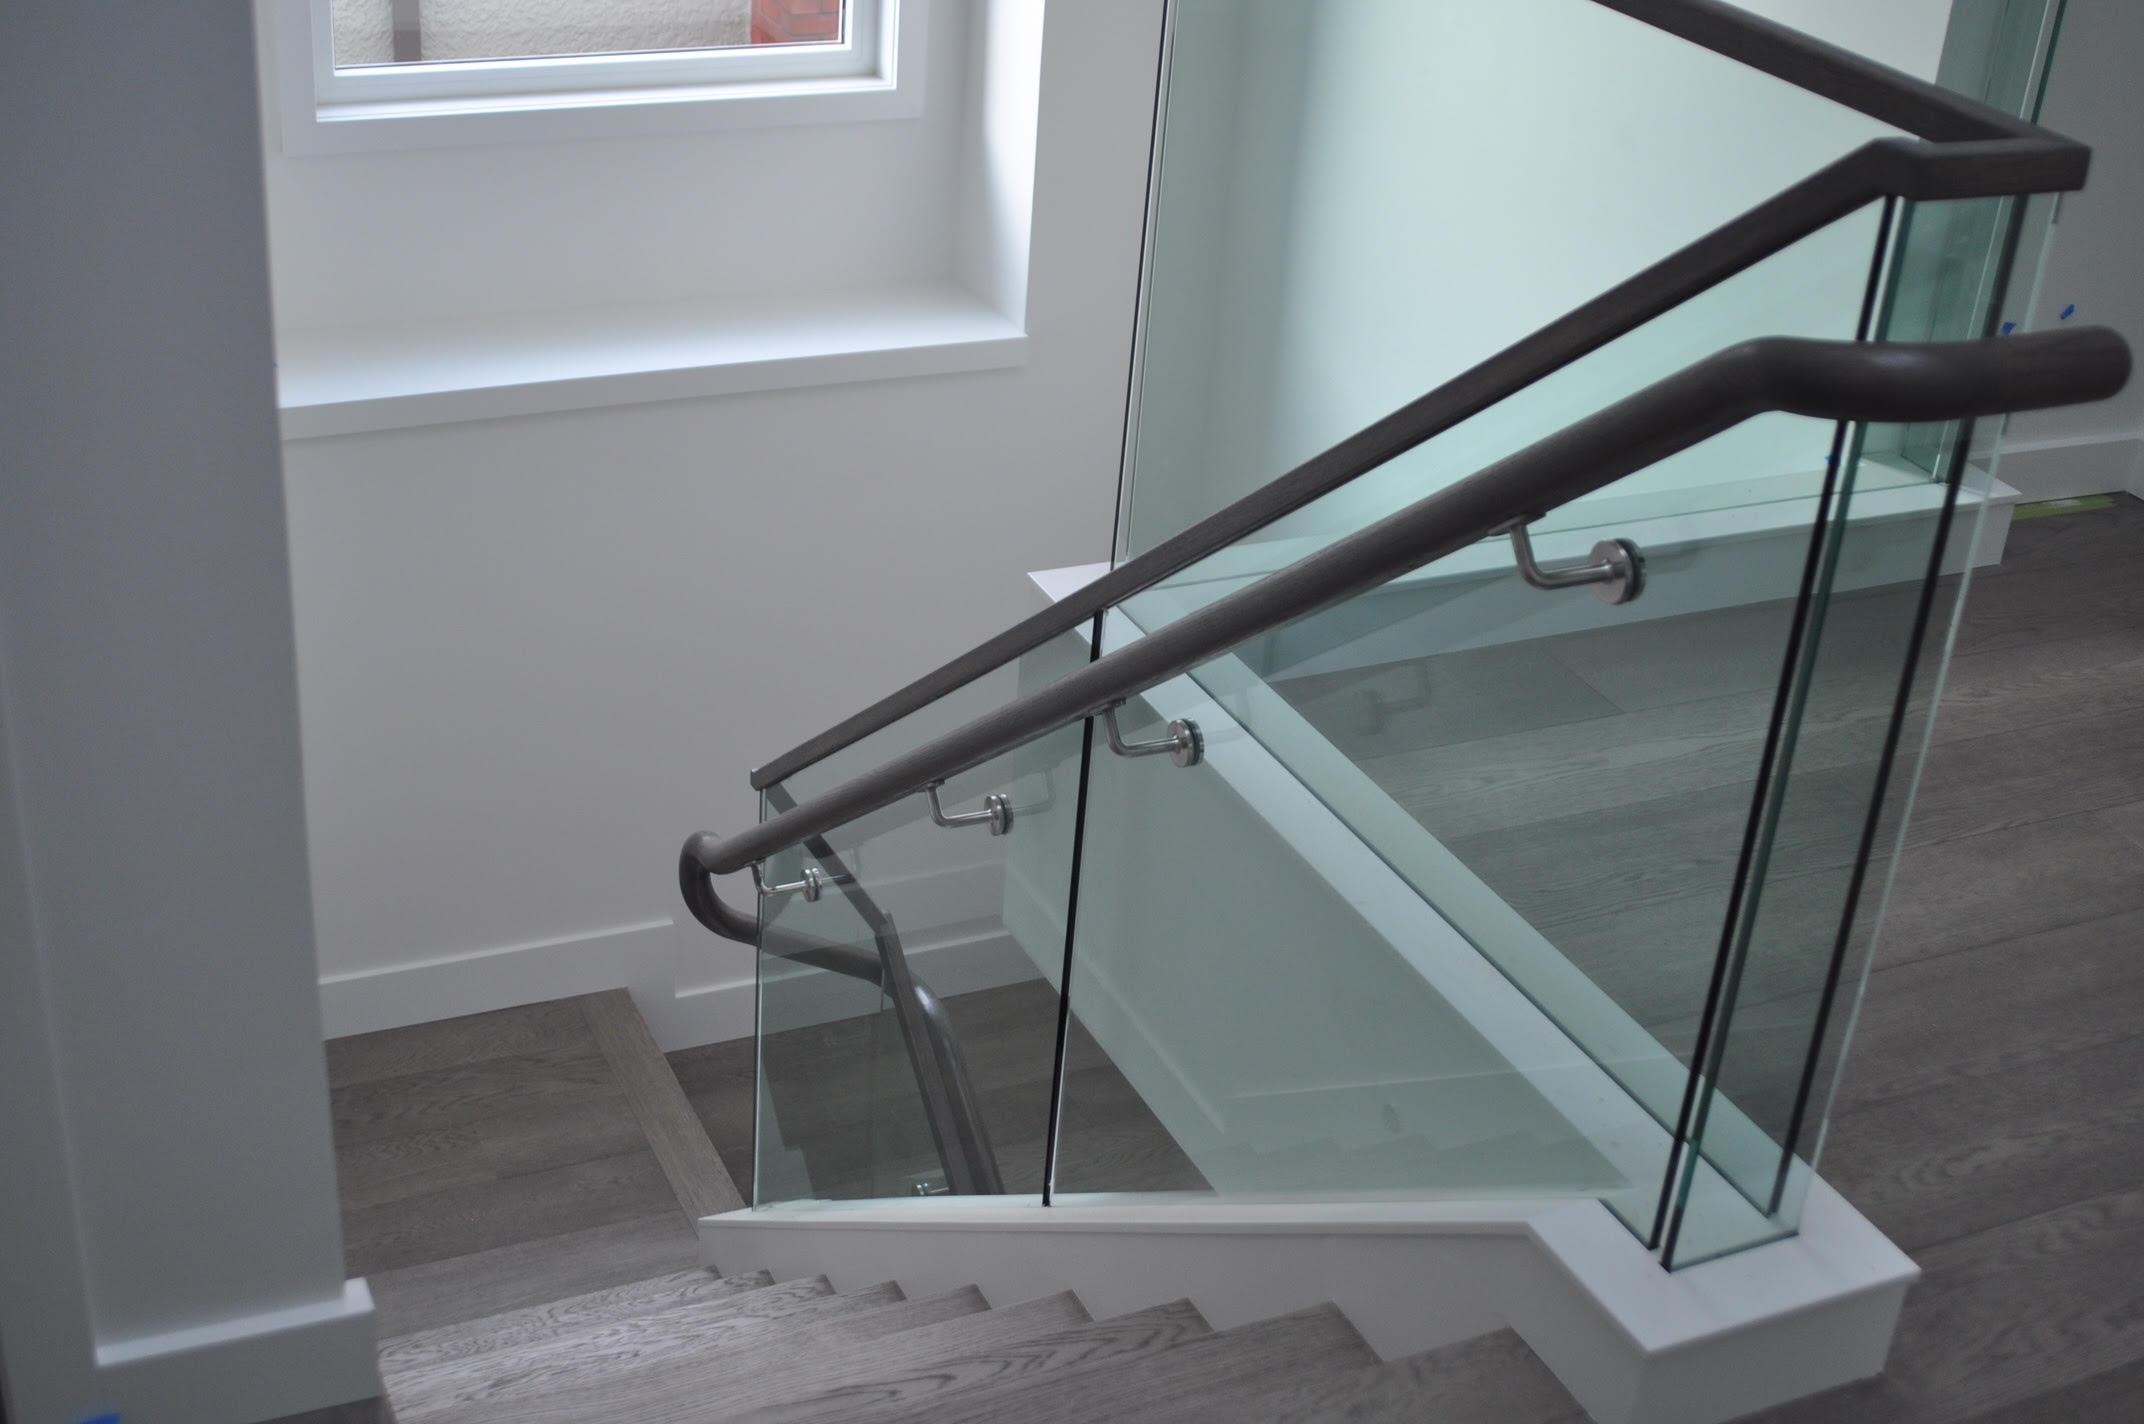 kitsalano stairway